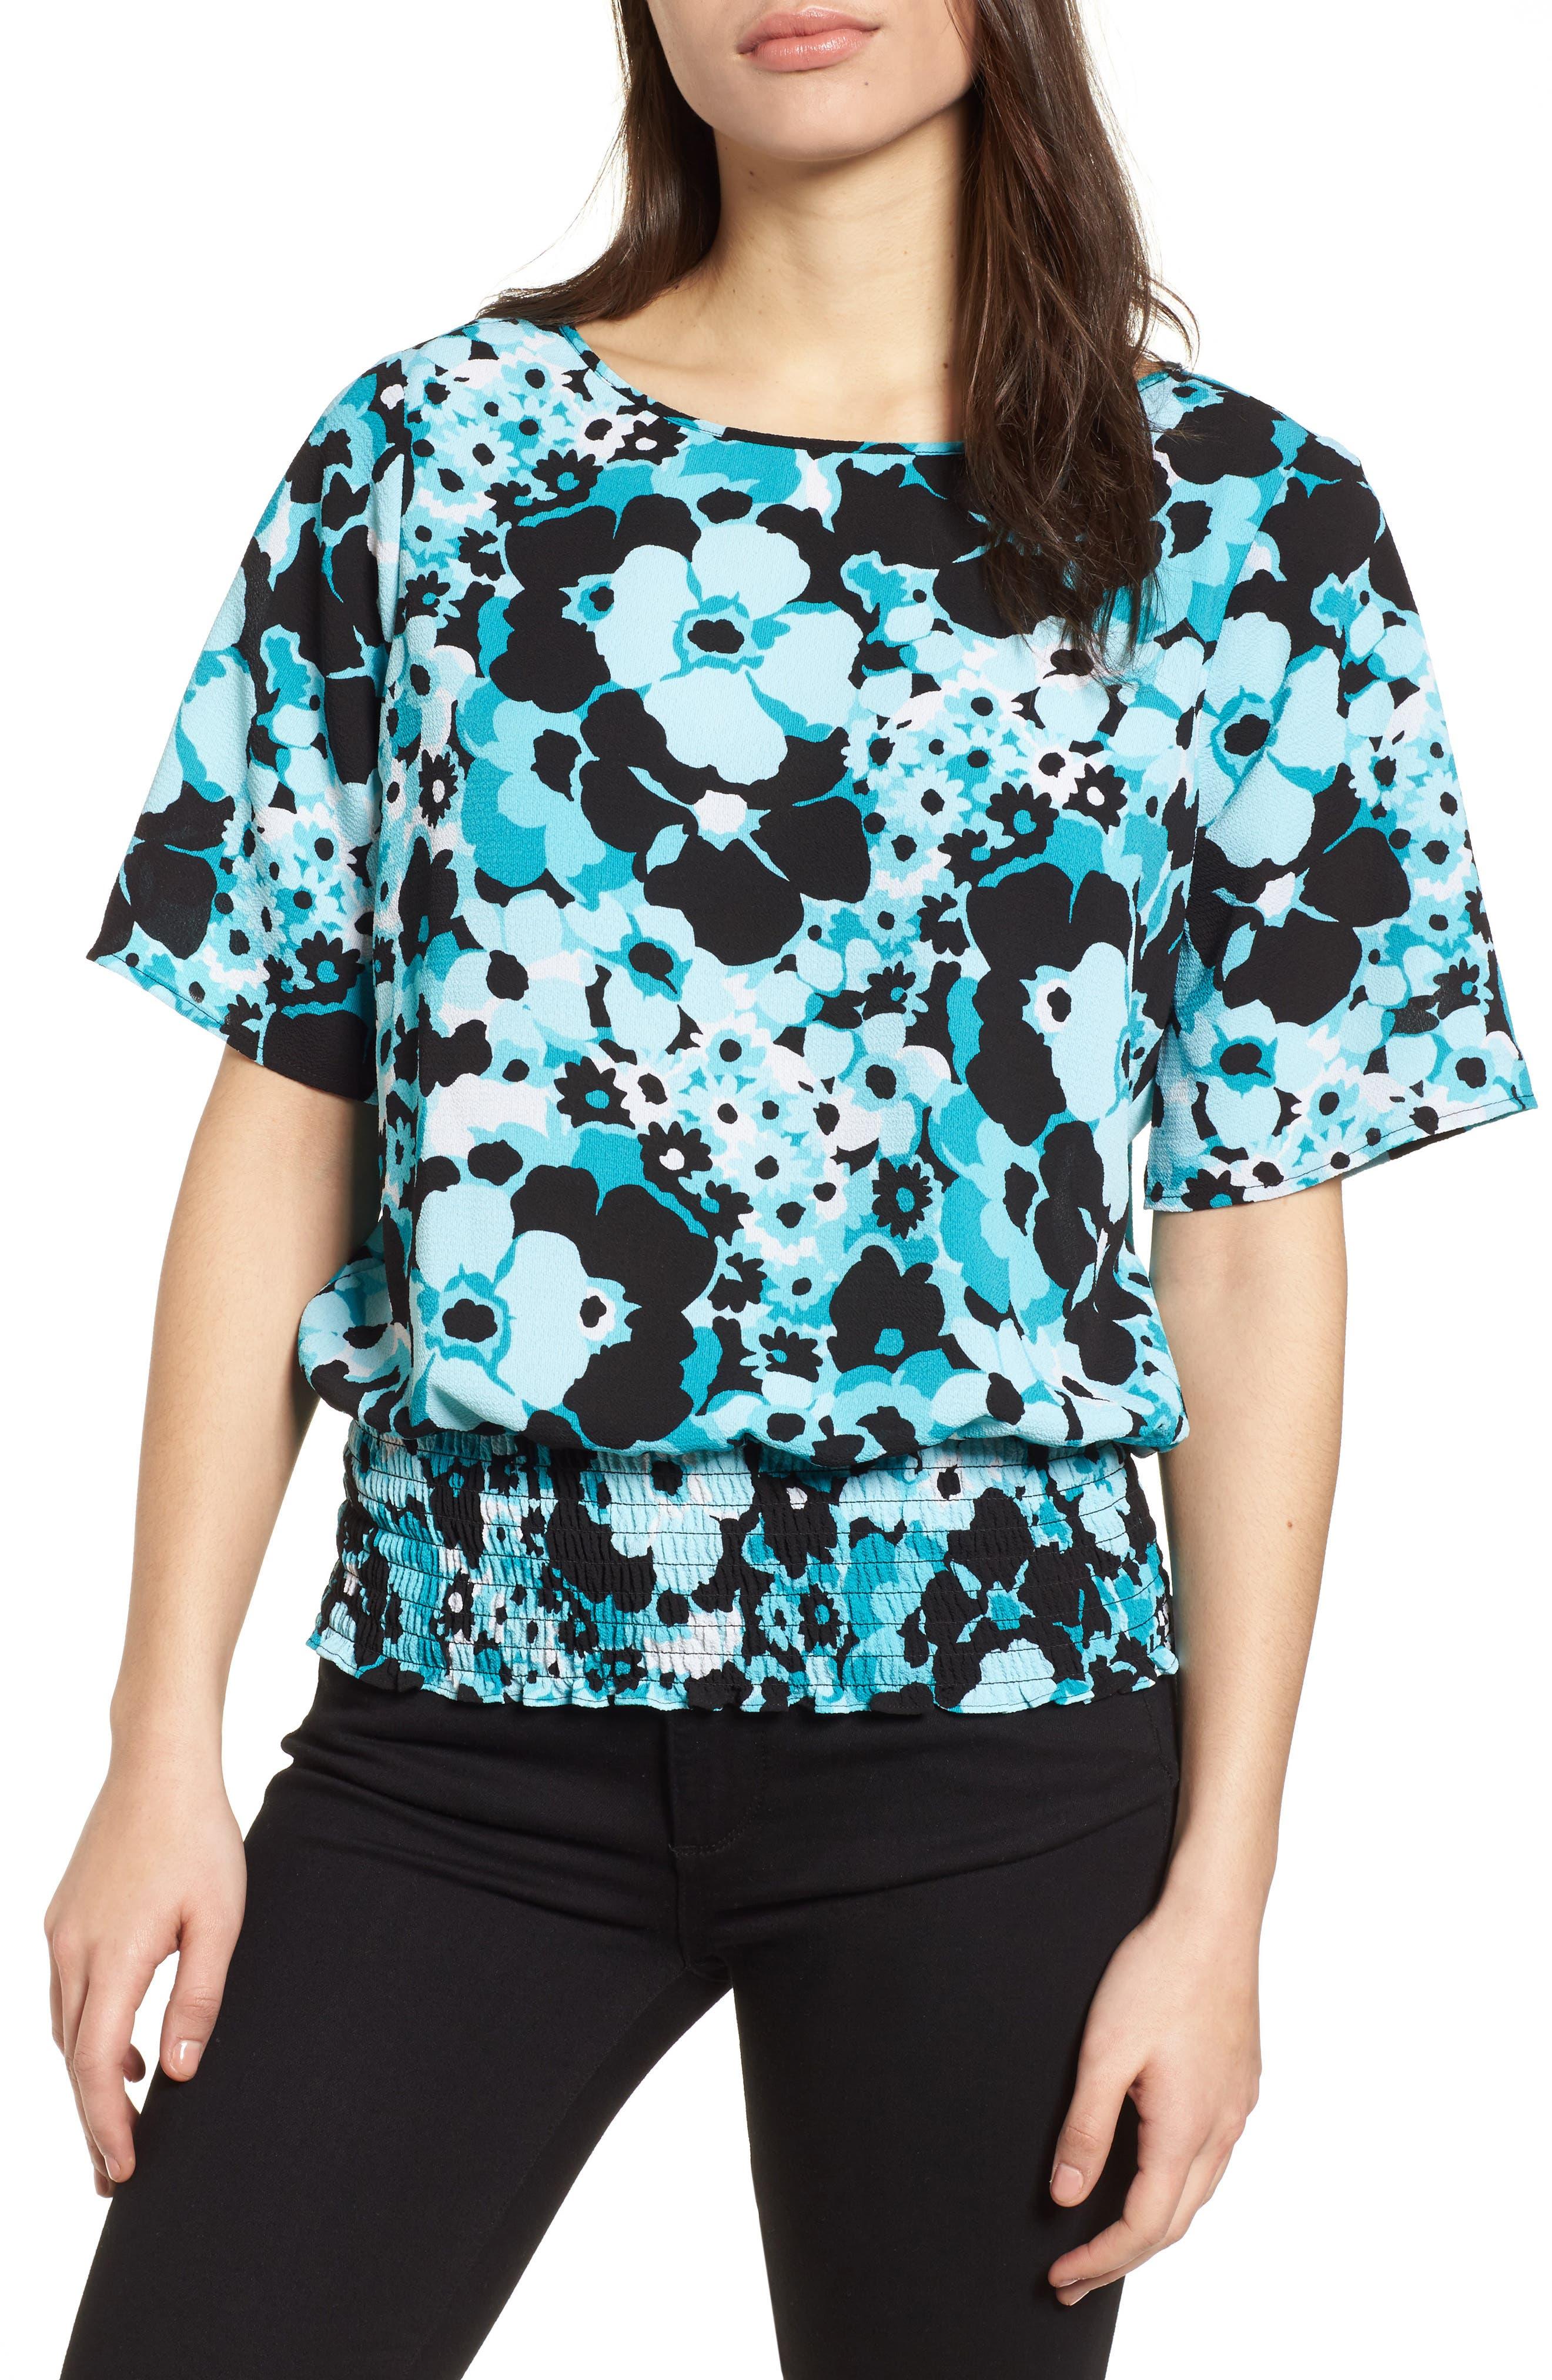 Springtime Floral Kimono Top,                             Main thumbnail 1, color,                             Tile Blue/ Black Multi